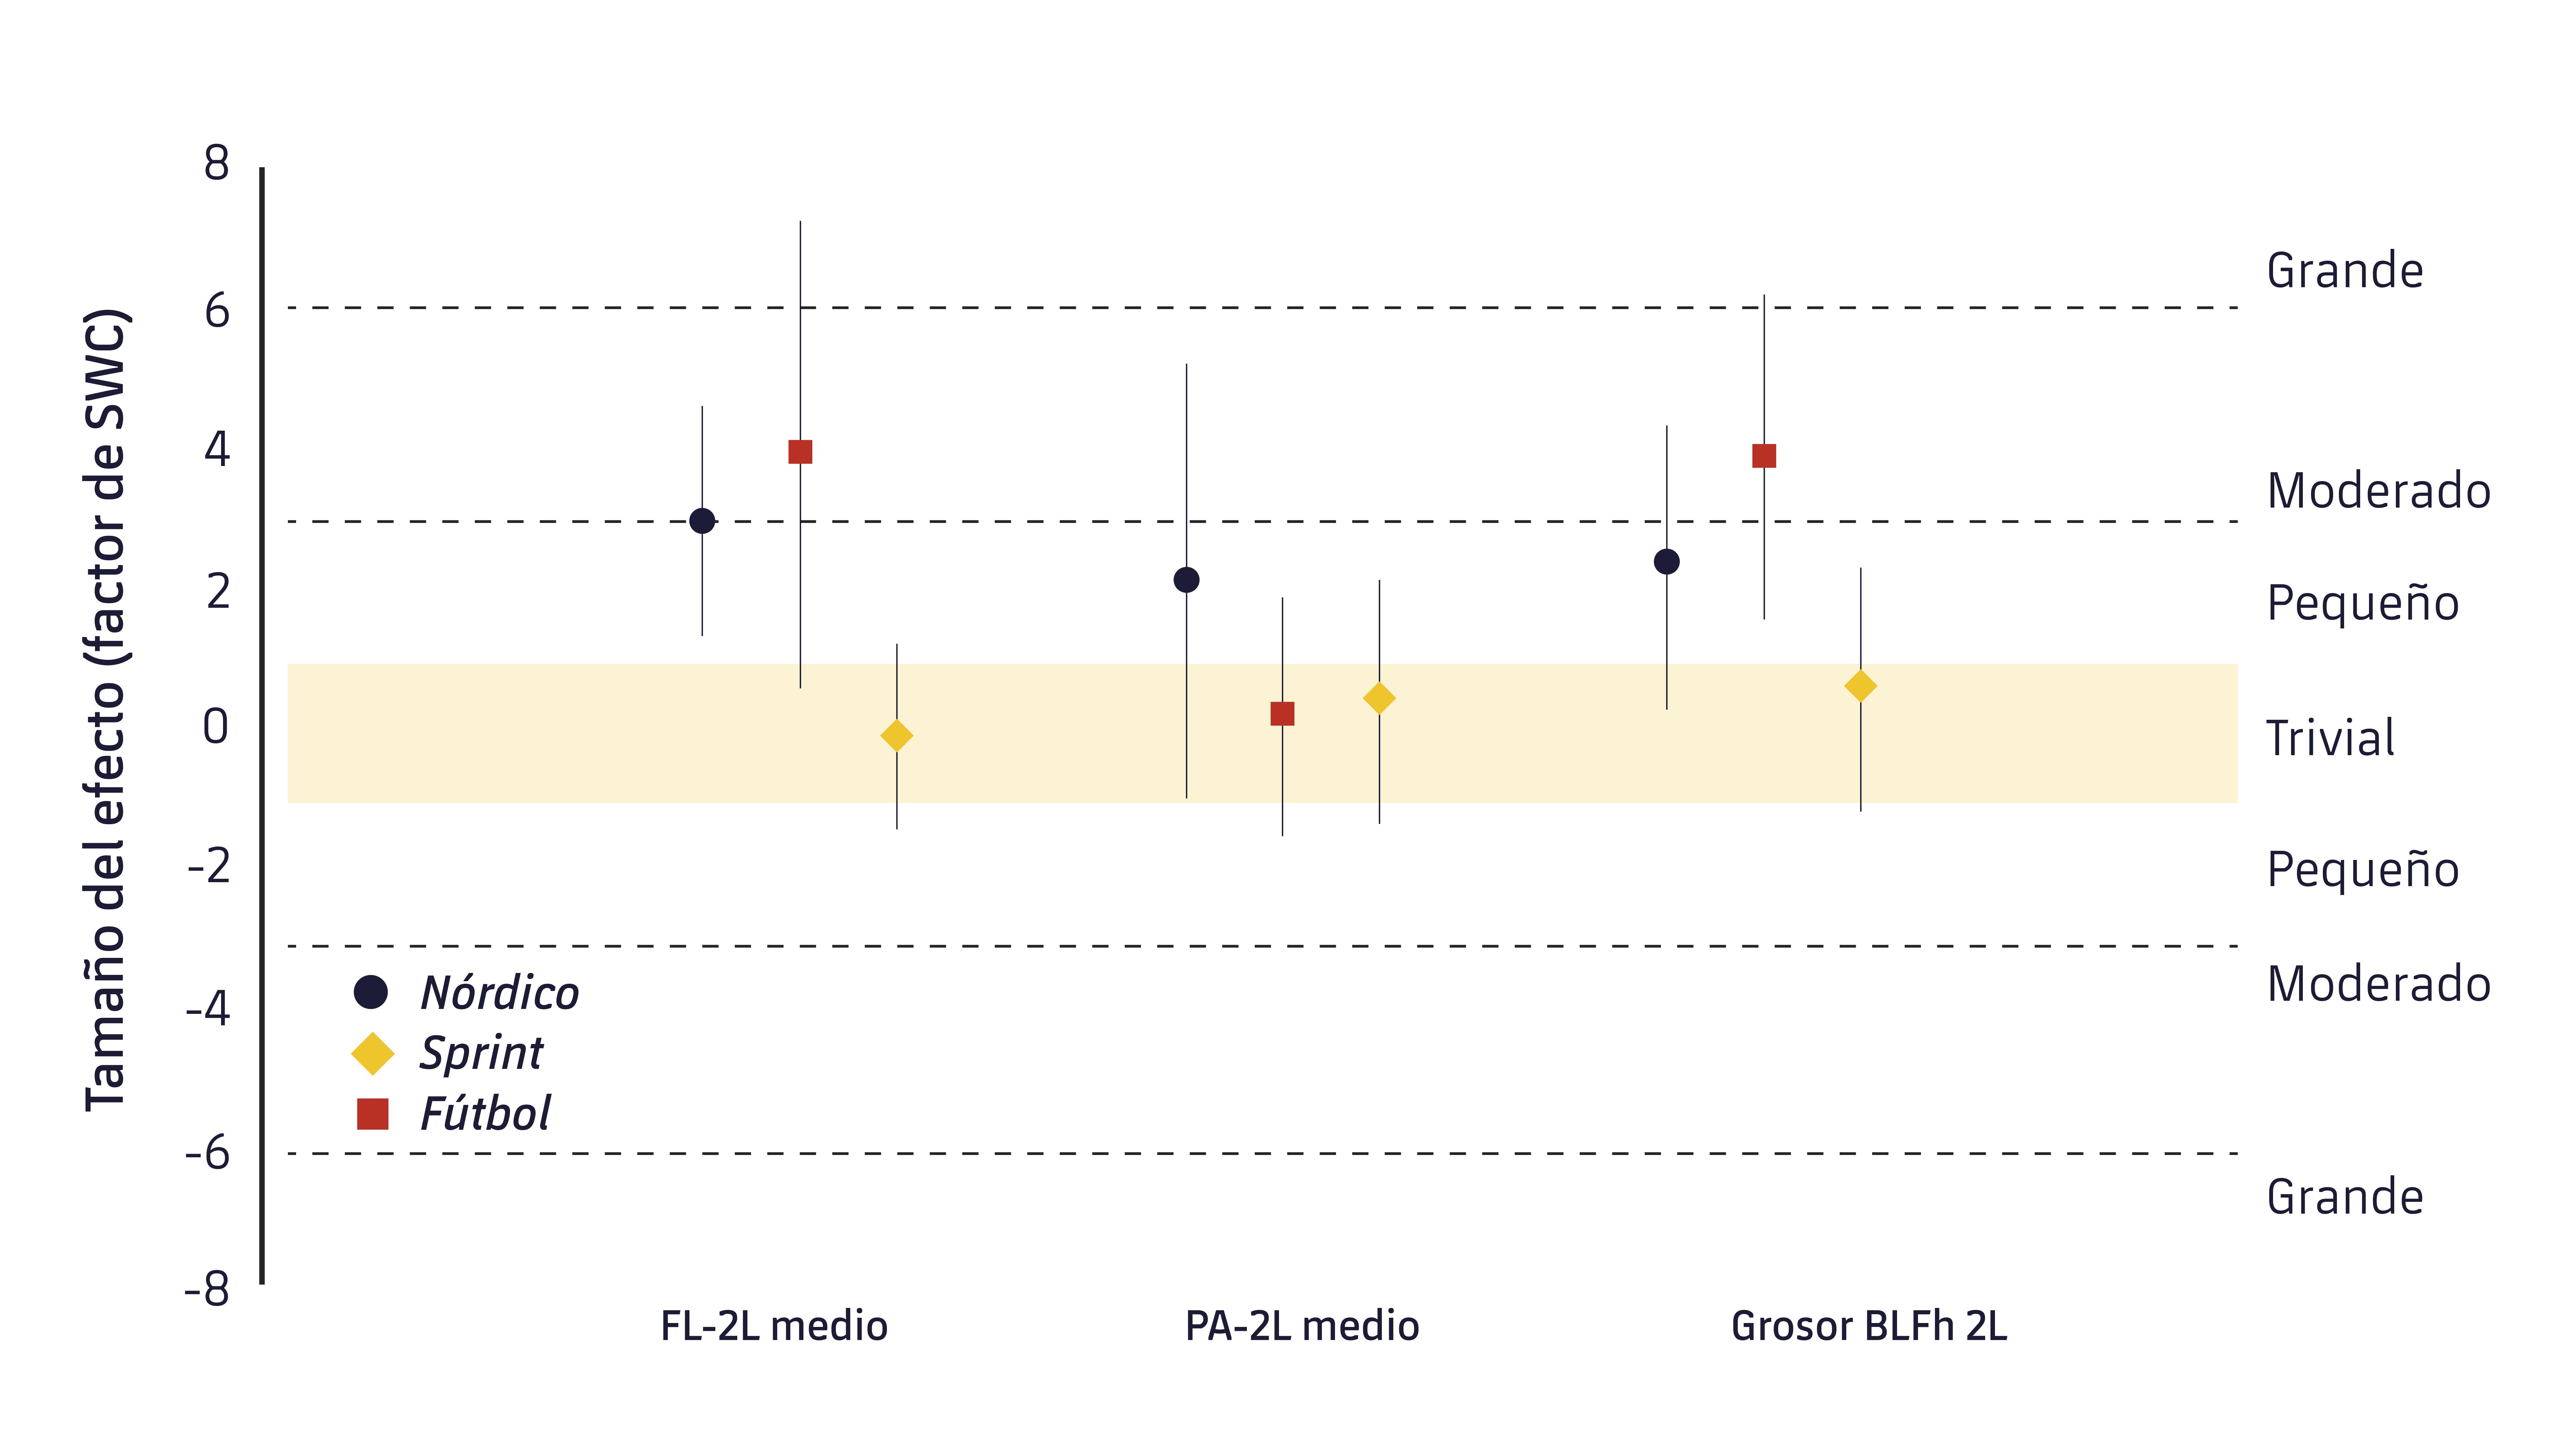 Figura 2. Magnitud de los cambios pre-post en las principales variables arquitectónicas de los músculos isquiosirales. FL-2L: longitud de la fascia media para las dos piernas; PA-2L: ángulo de peneación medio para las dos piernas; Grosor BLFh 2l: Grosor medio de las dos piernas de la cabeza larga del bíceps femoral.9